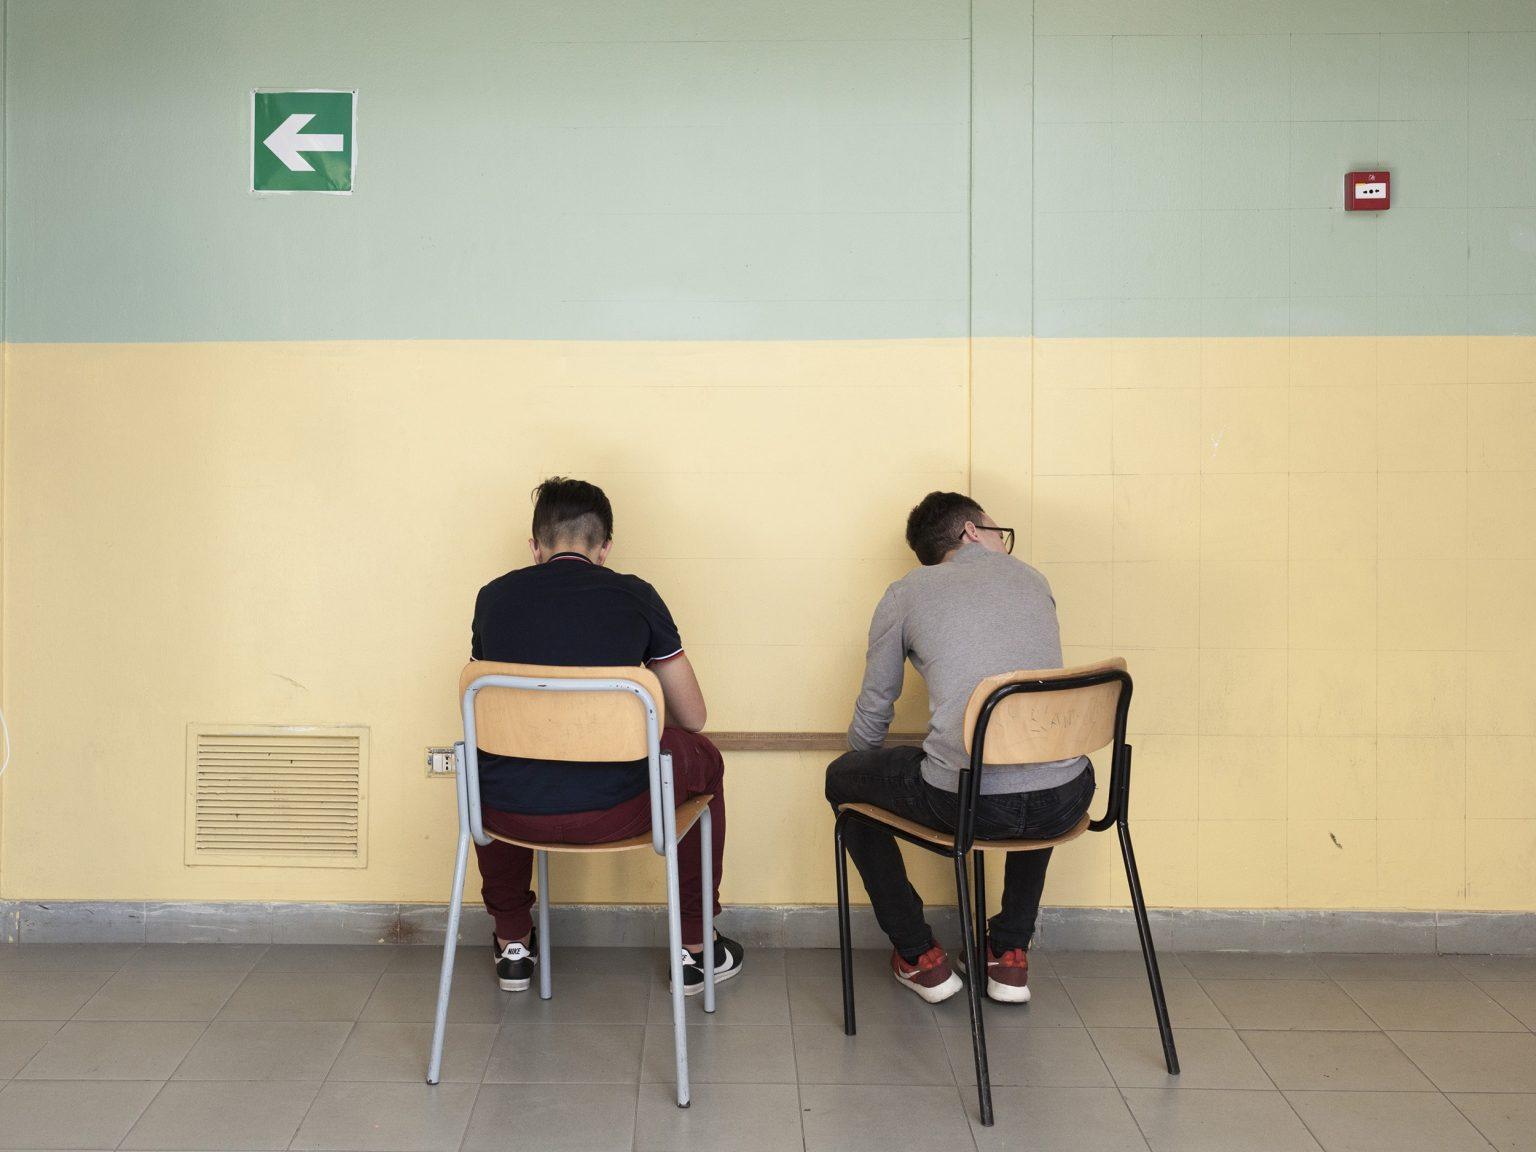 Due studenti all'interno dell'istituto comprensivo Sciascia nello ZEN 1, a Palermo. Qui, il tasso di abbandono scolastico è tra i maggiori in Italia.  Two students in the Sciascia comprehensive institute in ZEN 1, in Palermo. Here, the school dropout rate is among the highest in Italy.